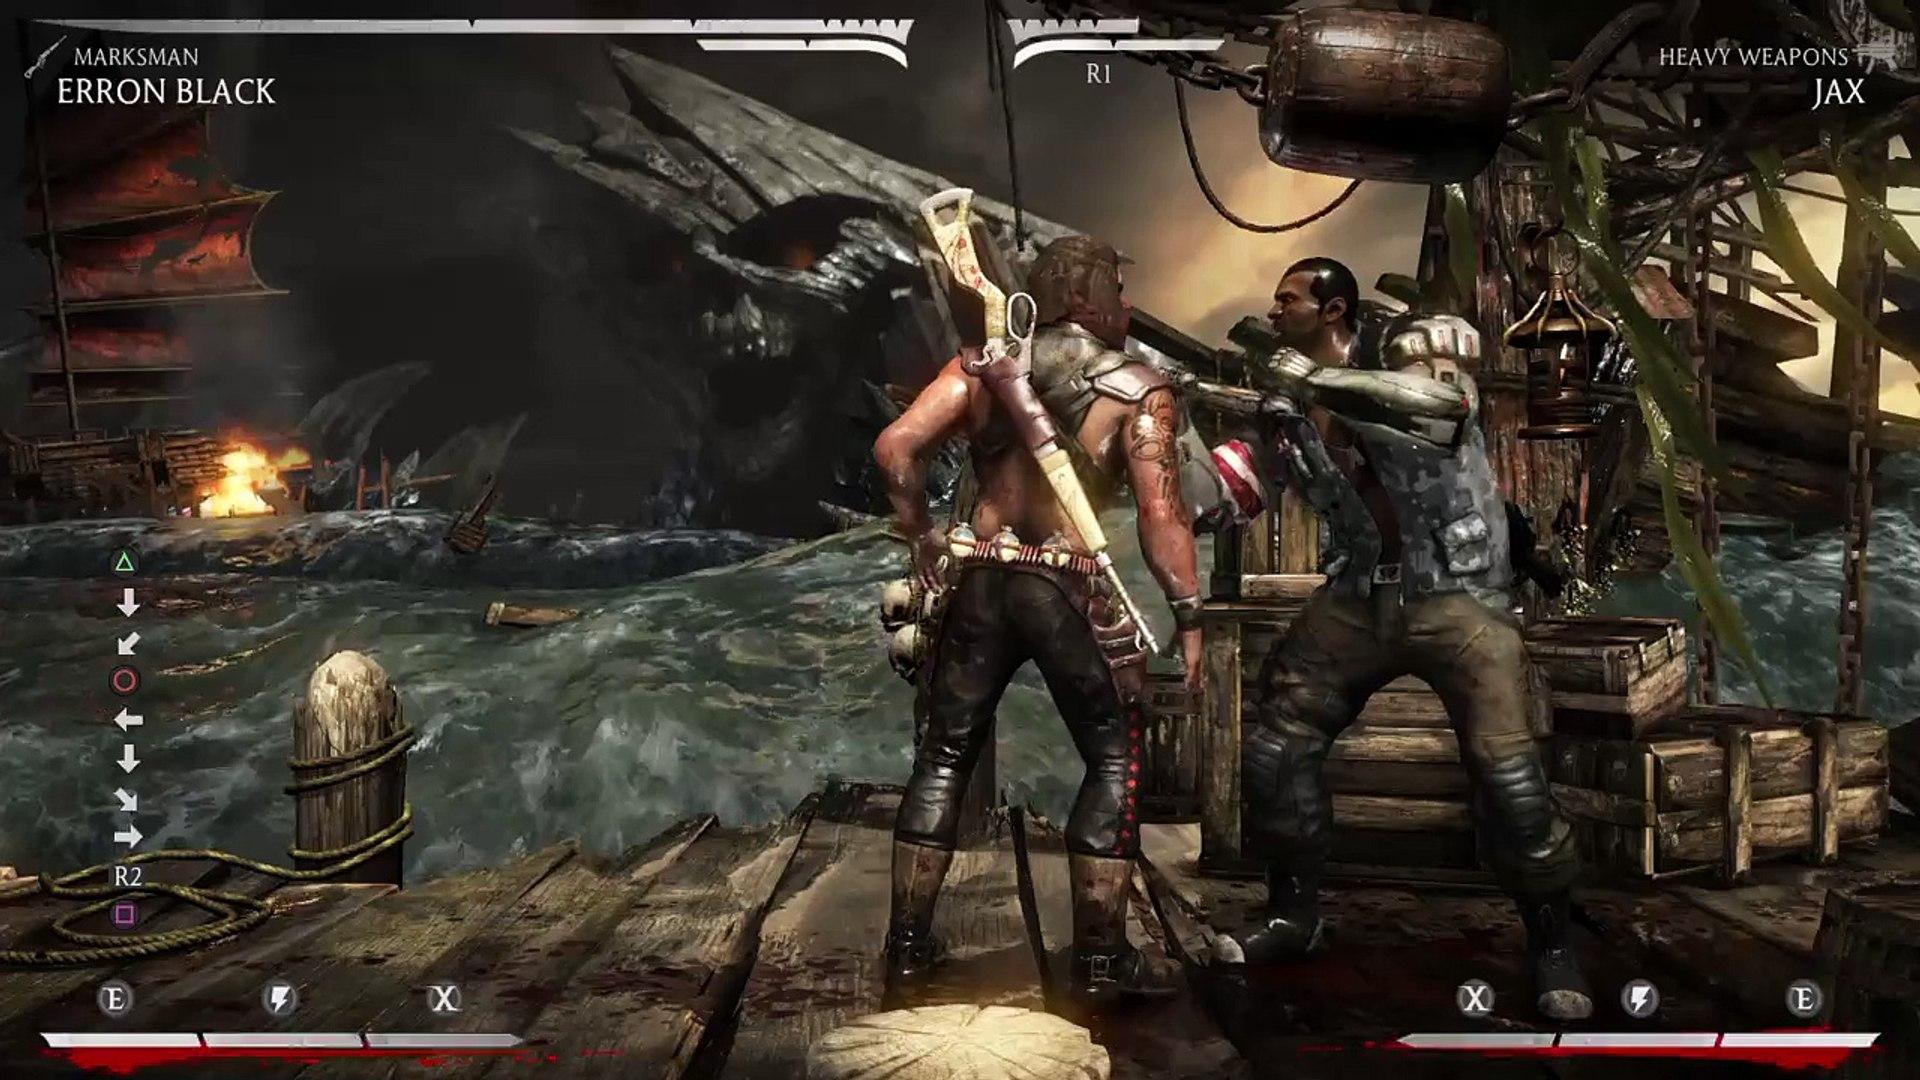 Mortal Kombat x Erron Black sniper ace combo